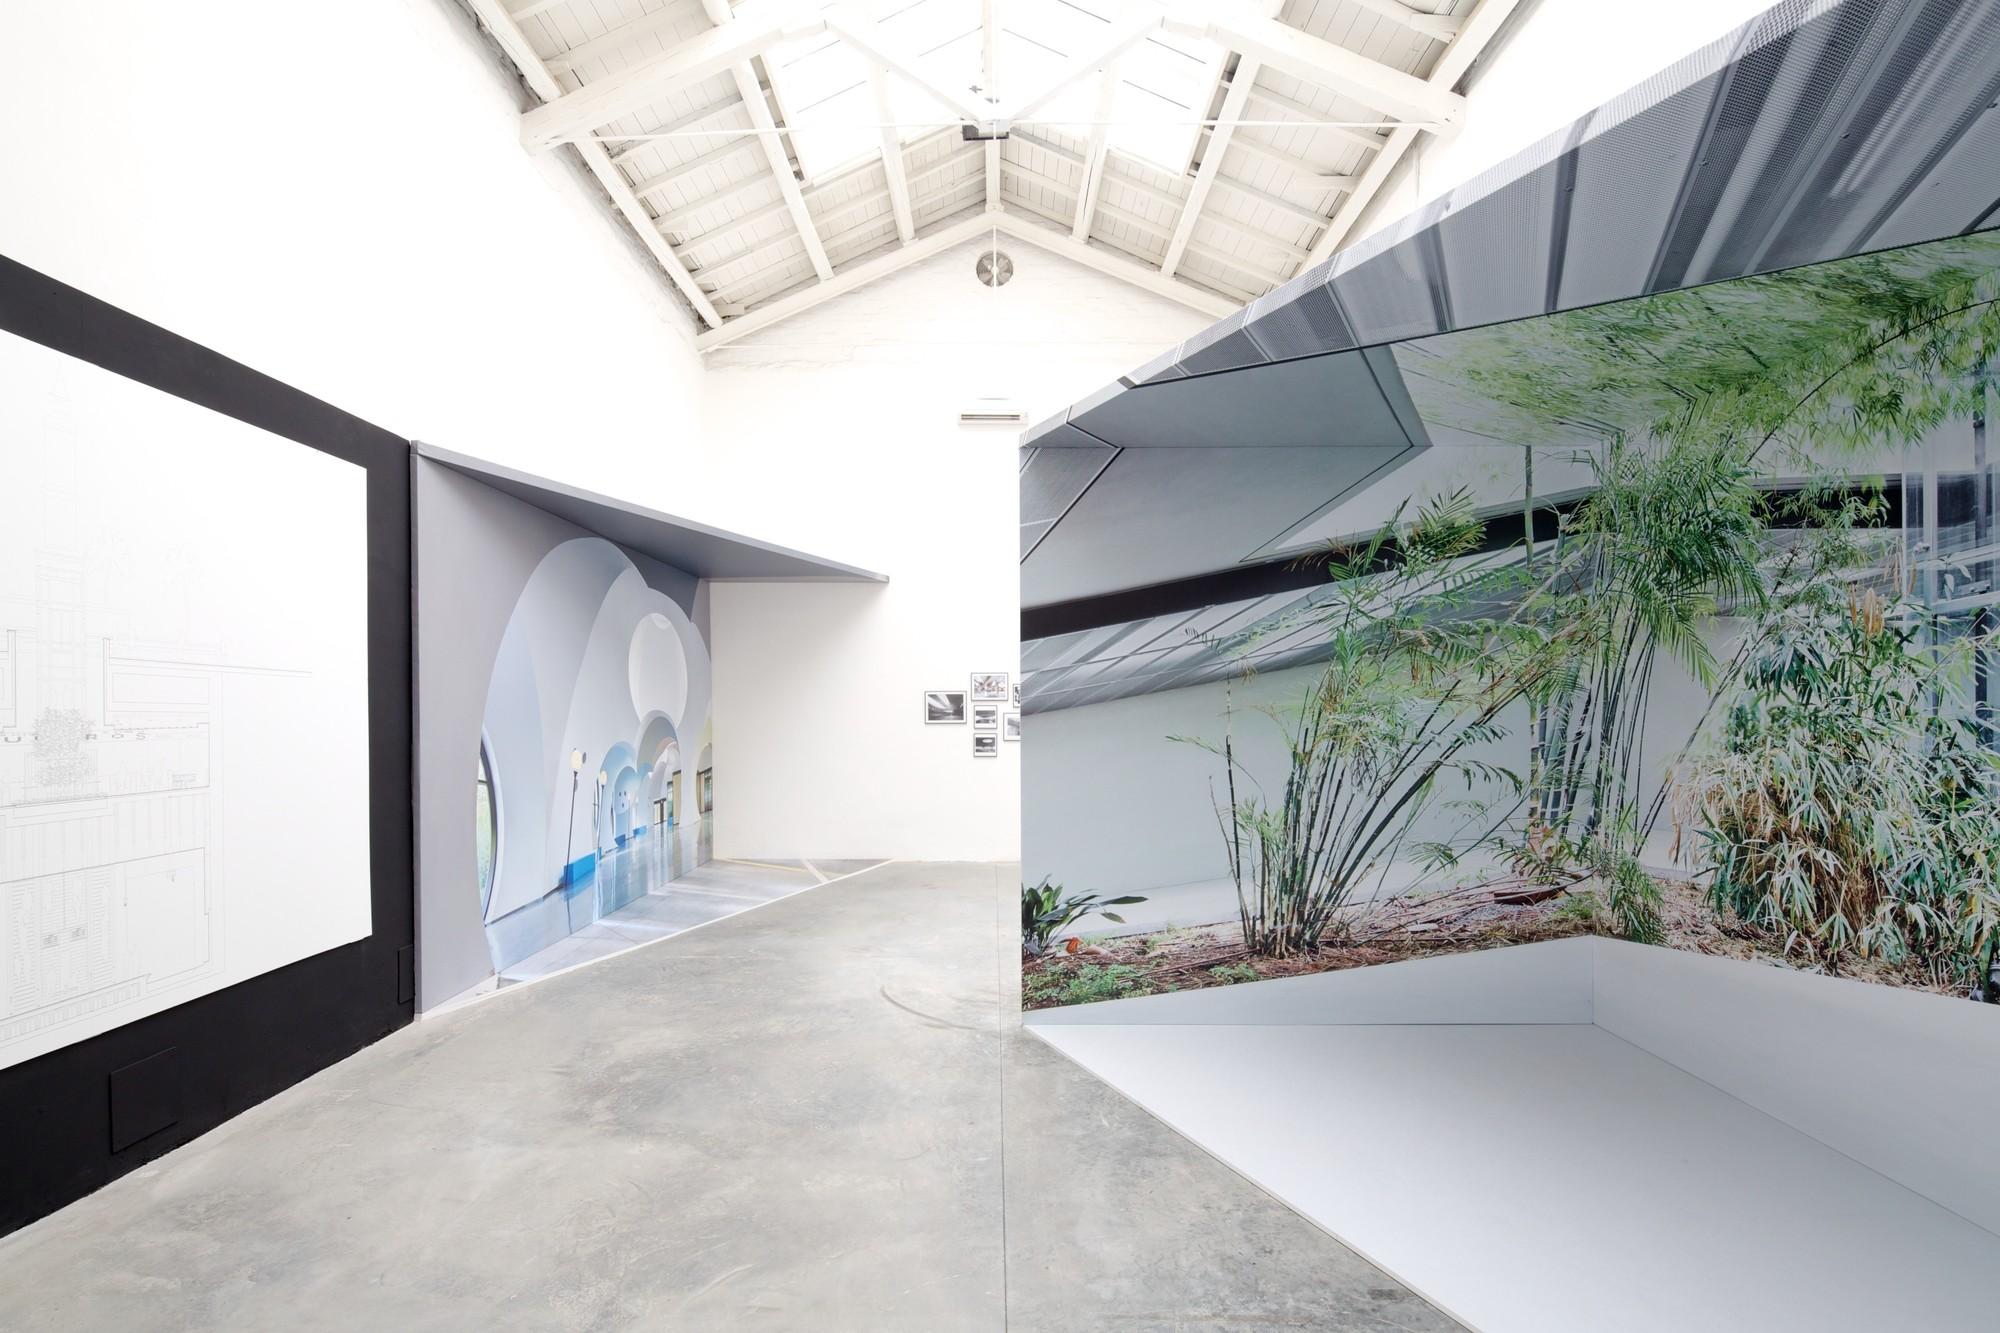 """Iñaki Ábalos' Spanish Pavilion at the Venice Biennale: """"Interior"""", © Nico Saieh"""